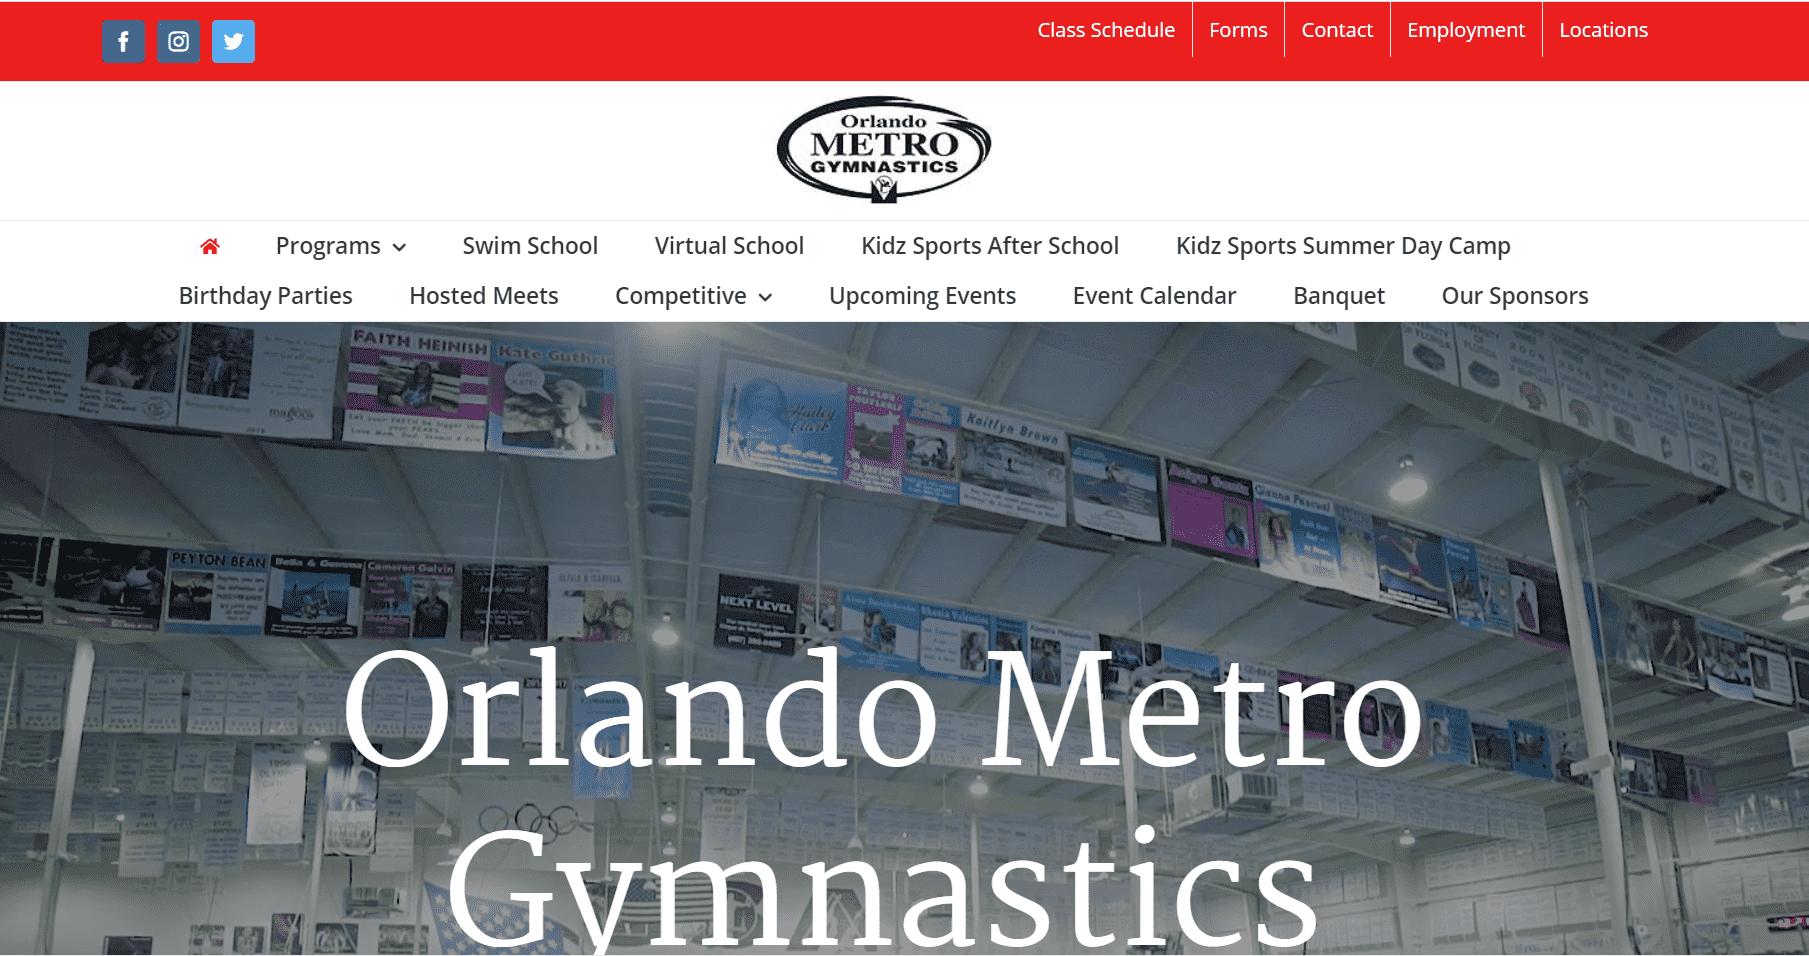 Orlando Metro Gymnastics reviews and complaints